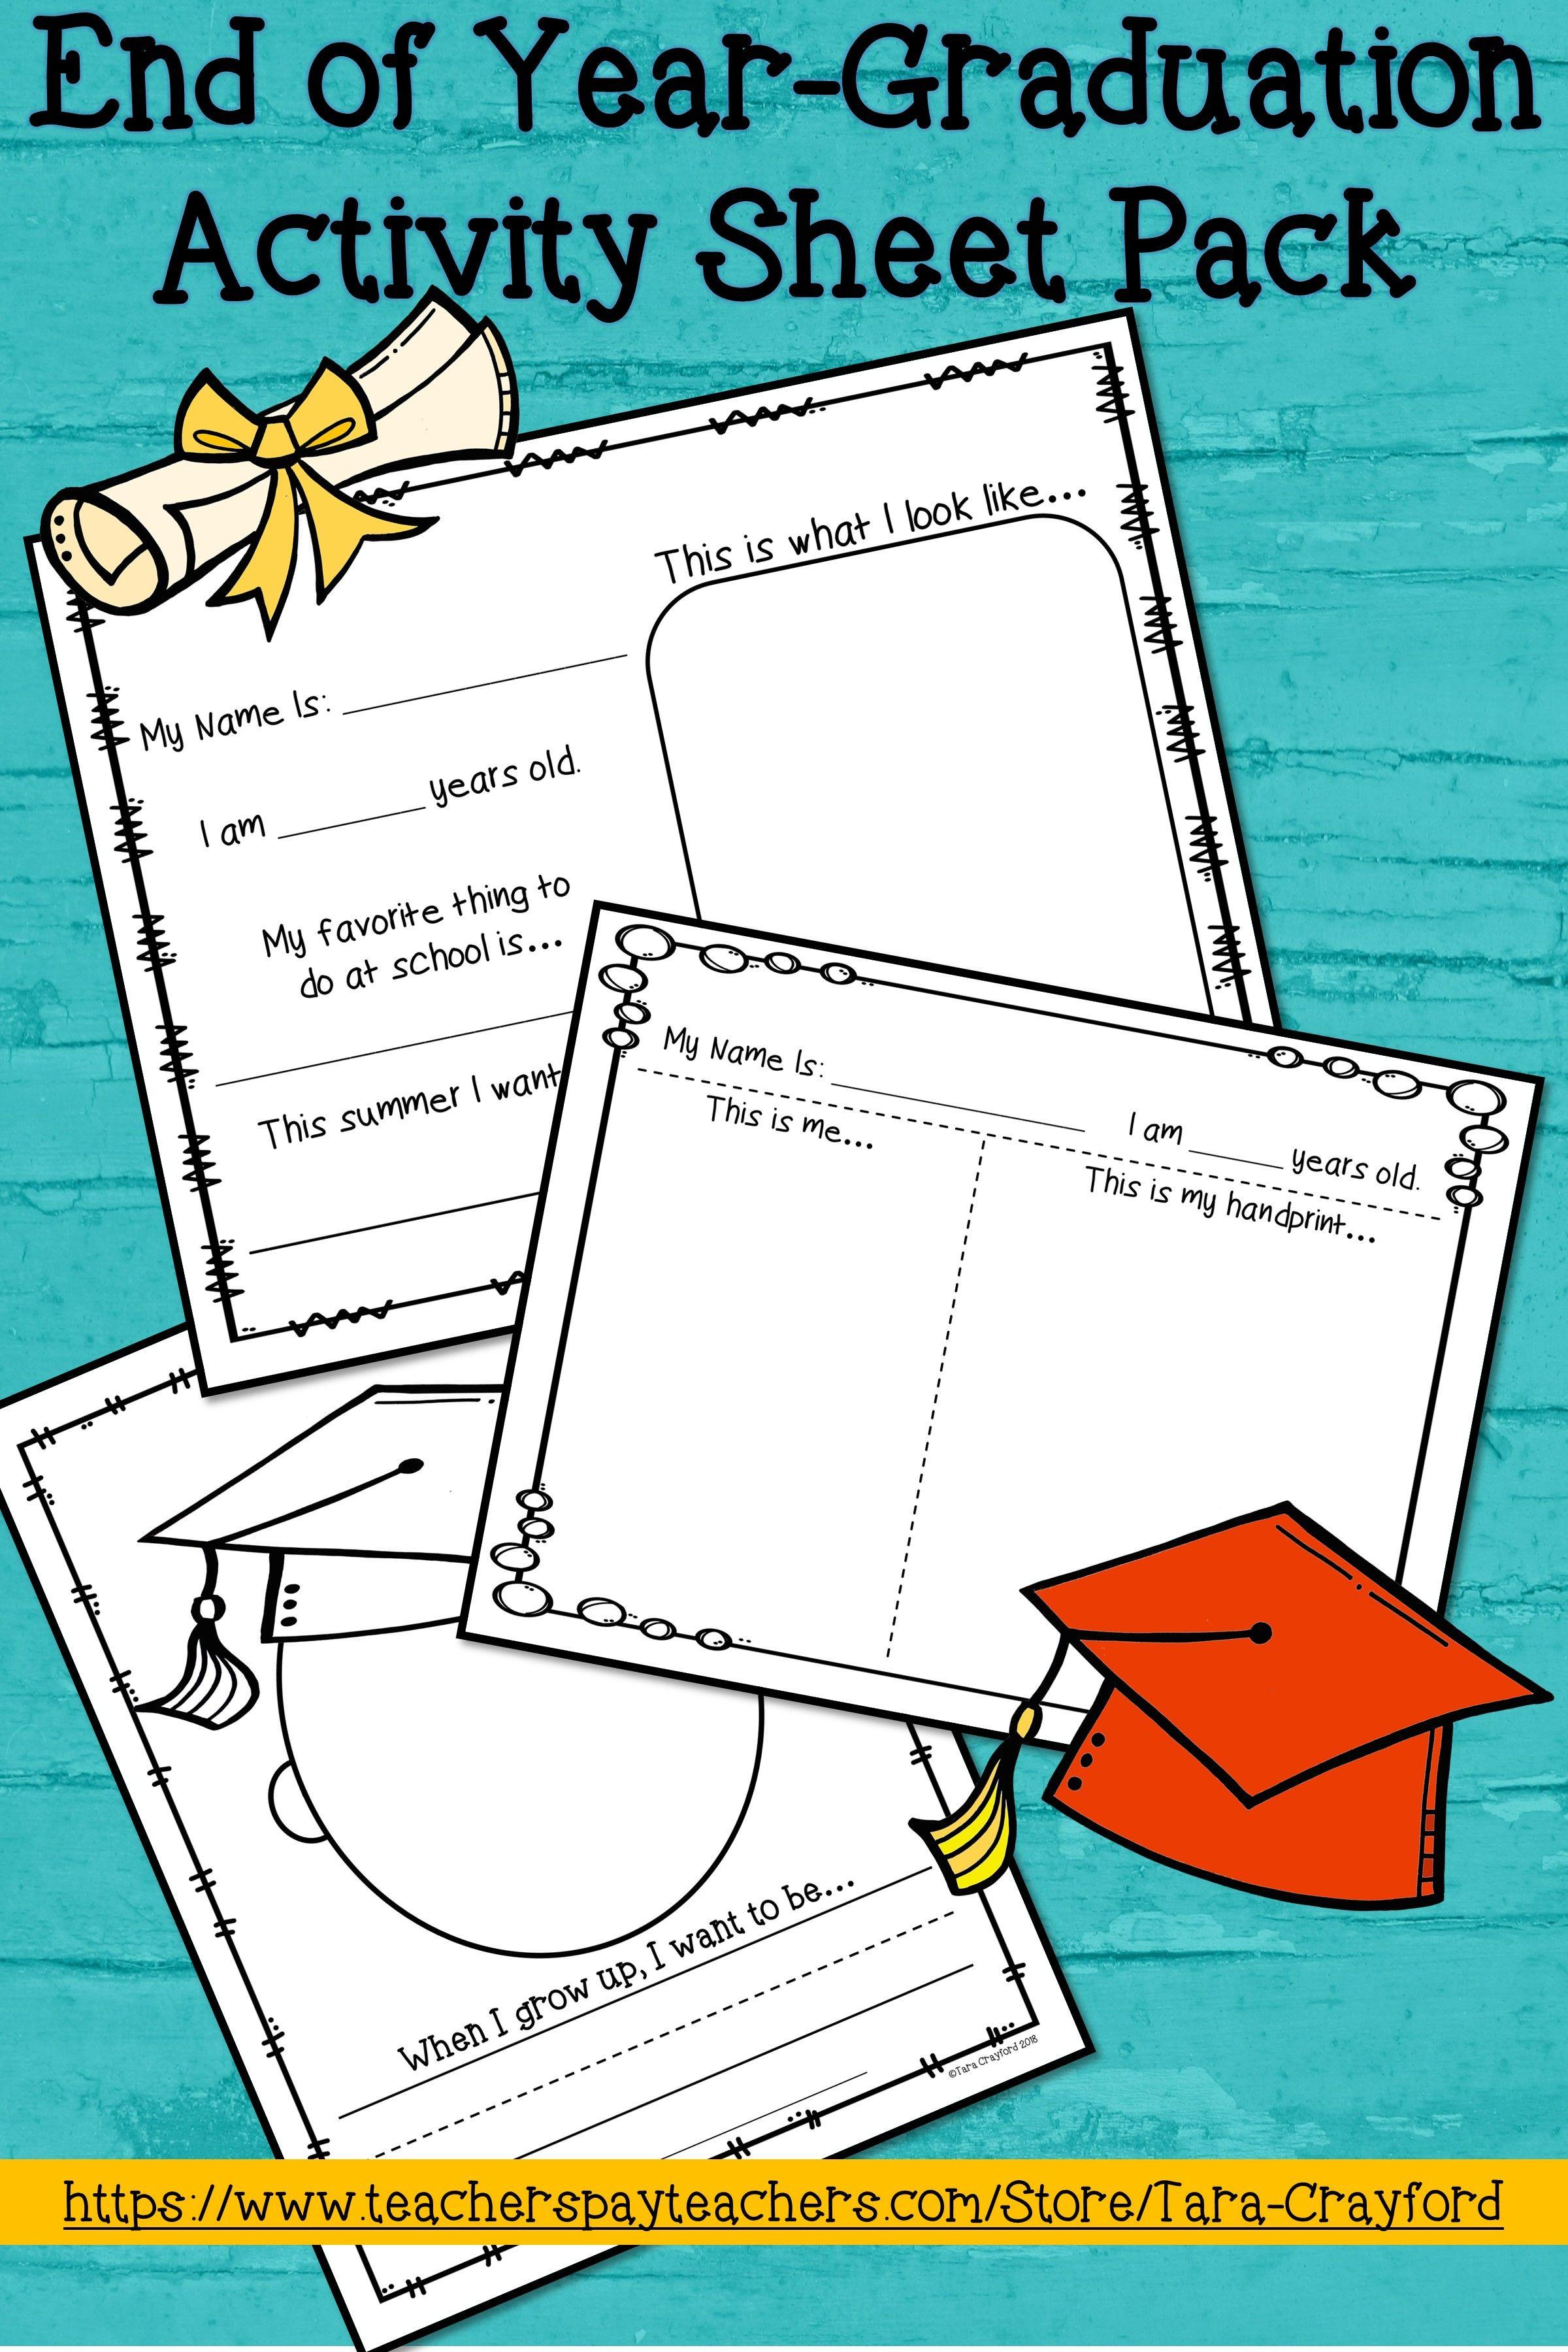 End Of The Year Graduation Printables Graduation Activities Graduation Crafts Preschool Preschool Activities [ 3600 x 2400 Pixel ]